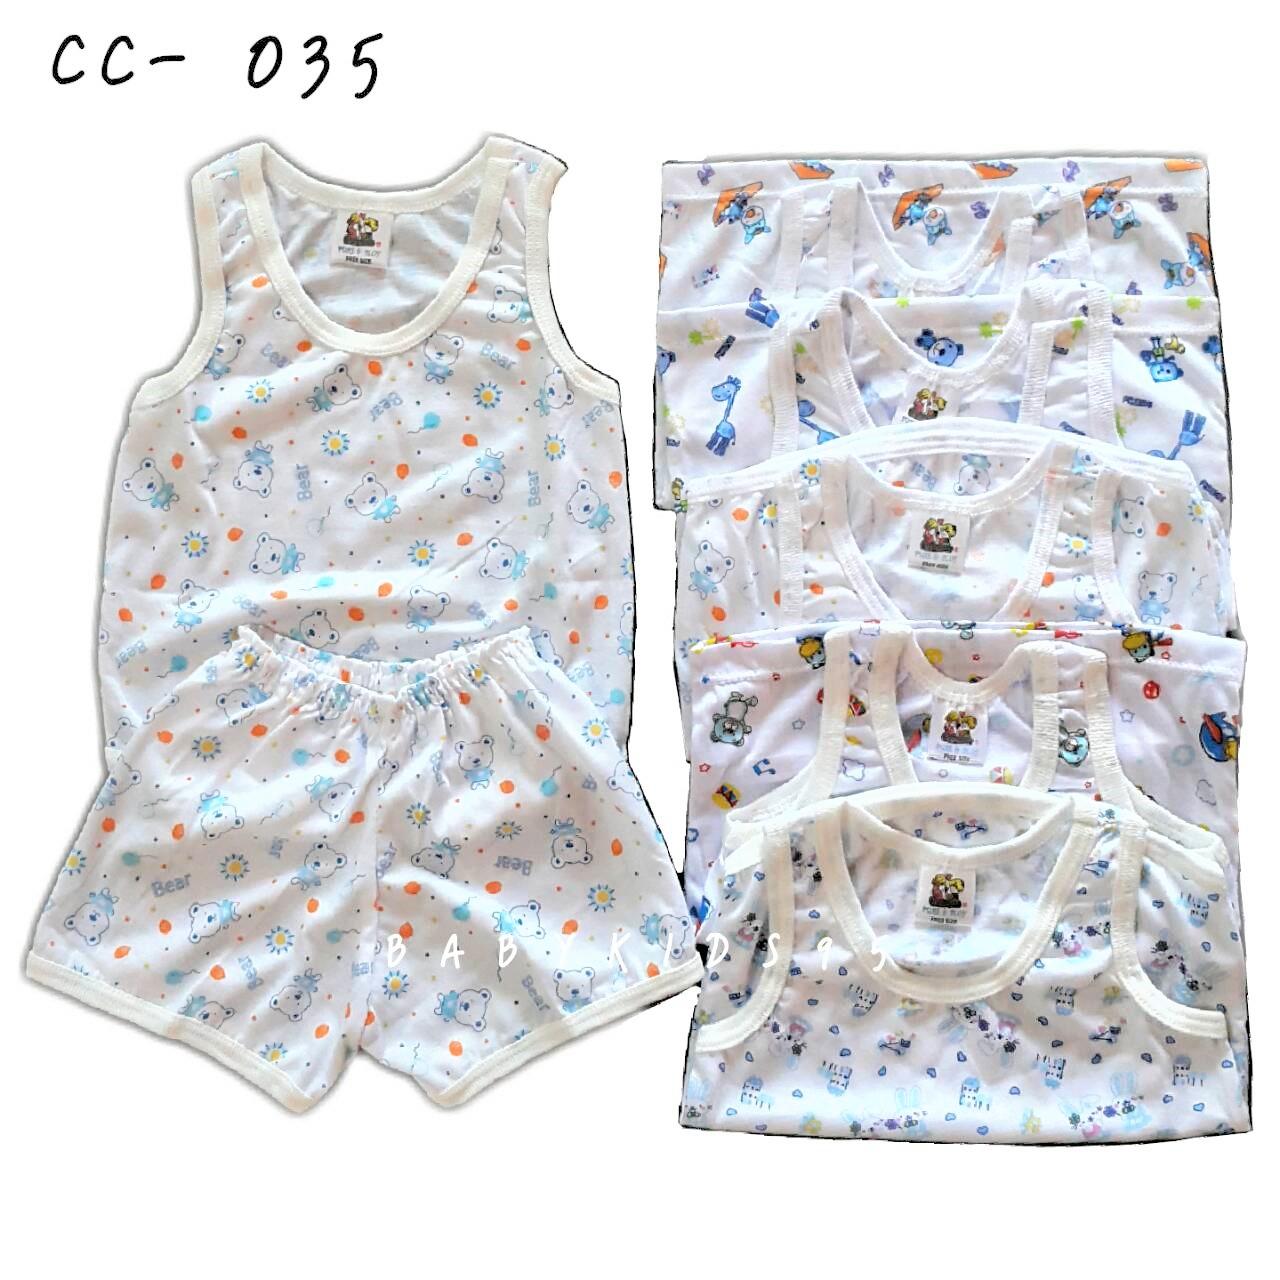 ชุดเด็กอ่อน cc-035 Size 3-6 เดือน ผ้ายืดนิ่ม เซ็ท 7 ชิ้น